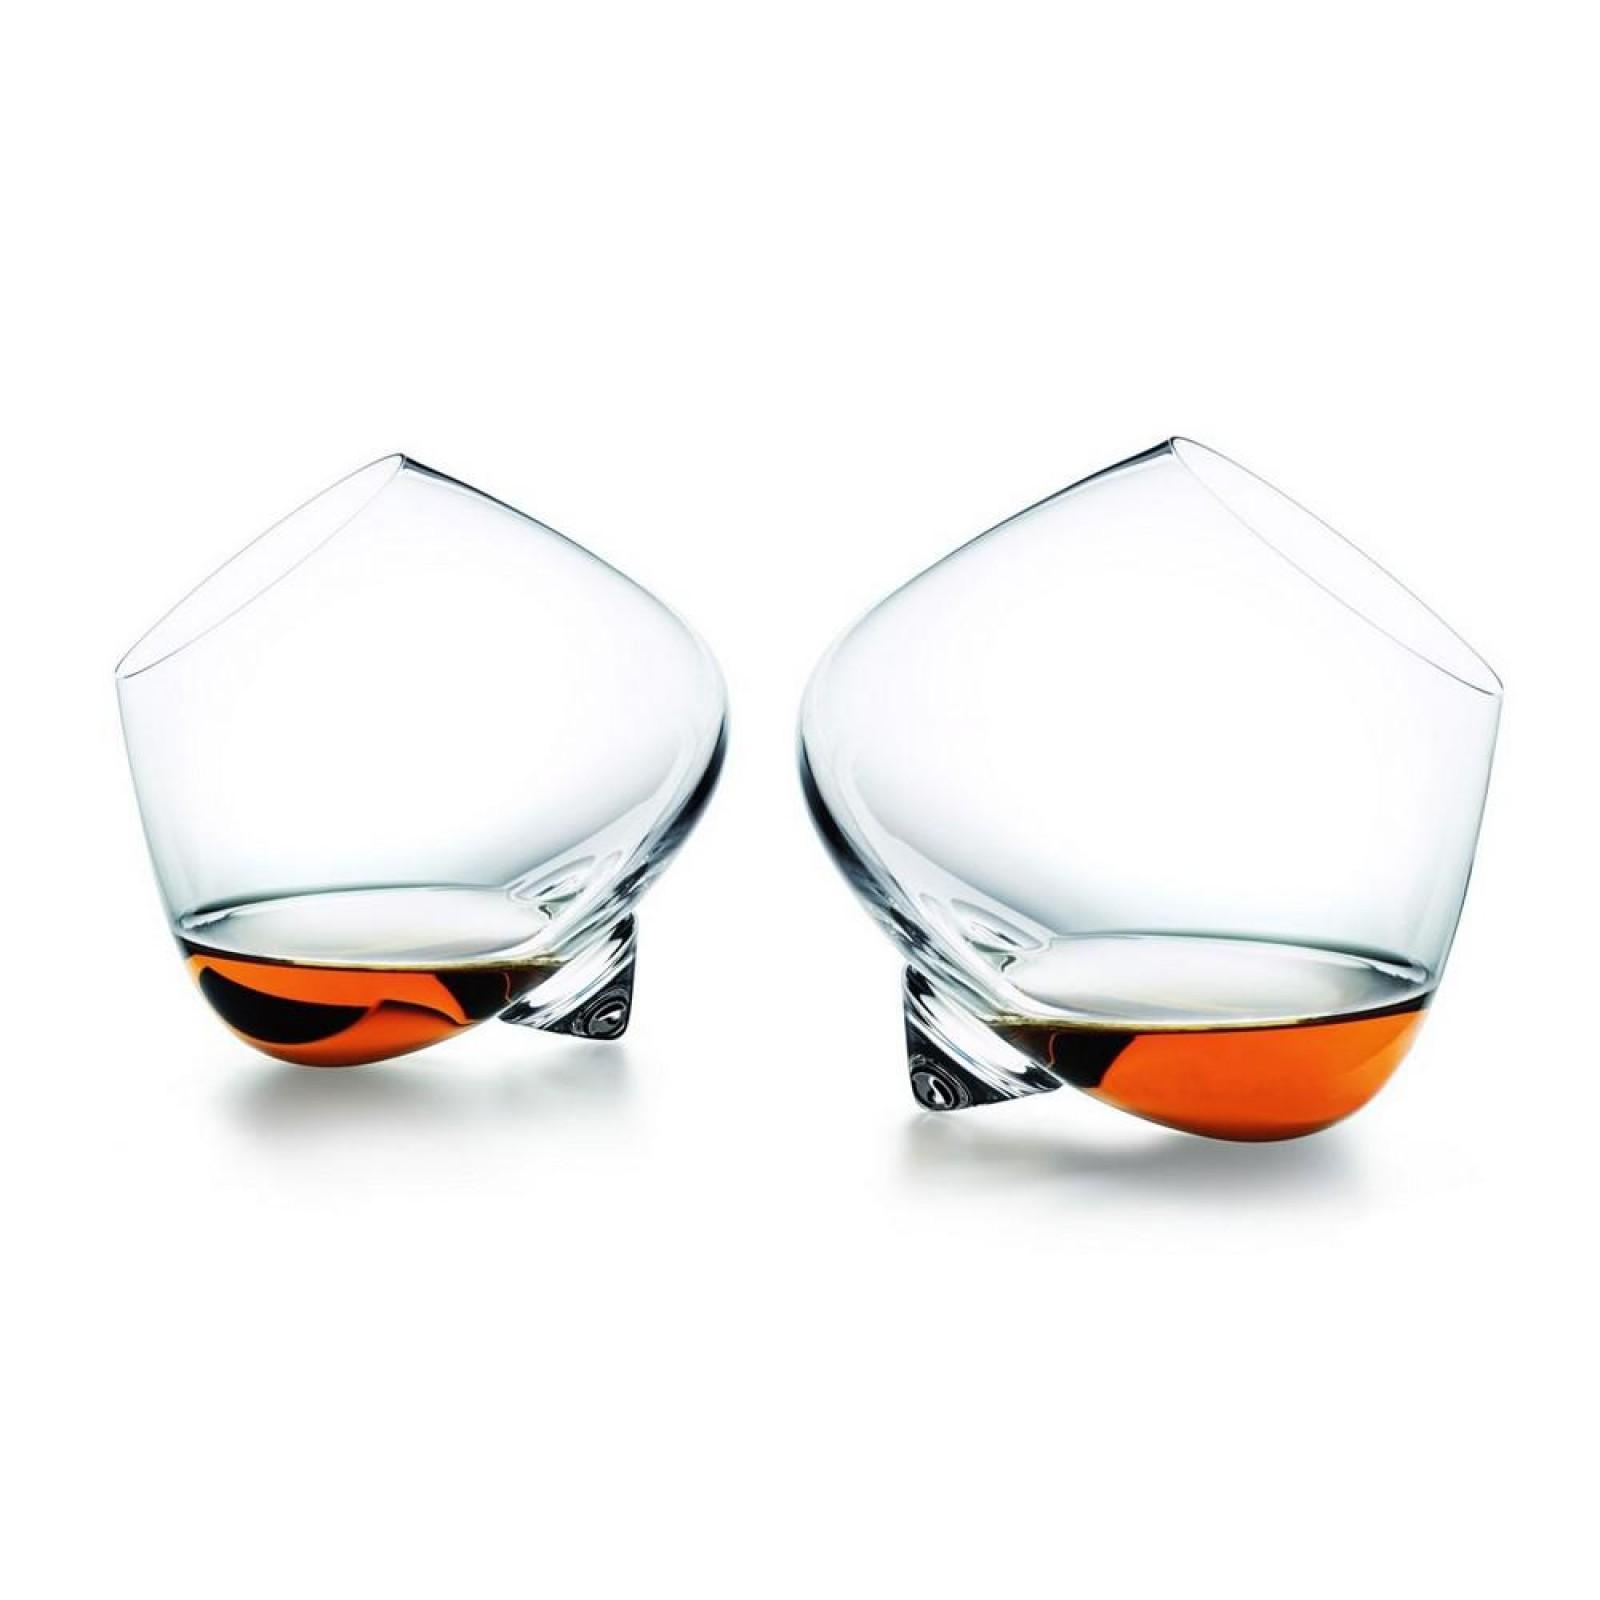 Ποτήρια Κονιάκ (σετ των 2) - Normann Copenhagen